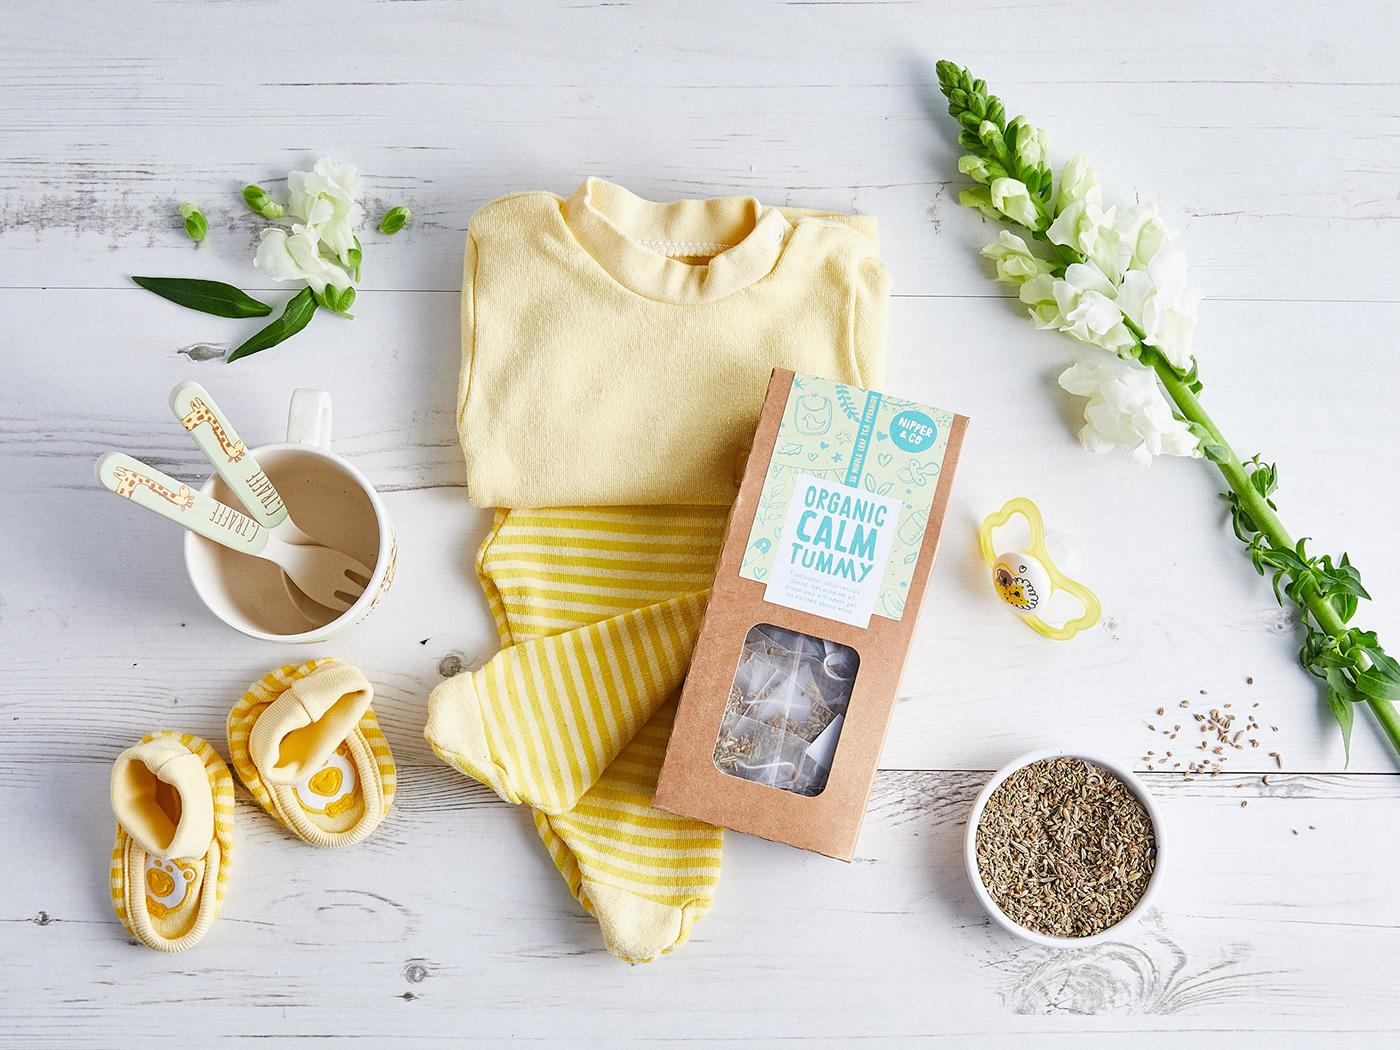 brand Packaging hand-lettering hand-drawn tea organic Ethical vegan branding